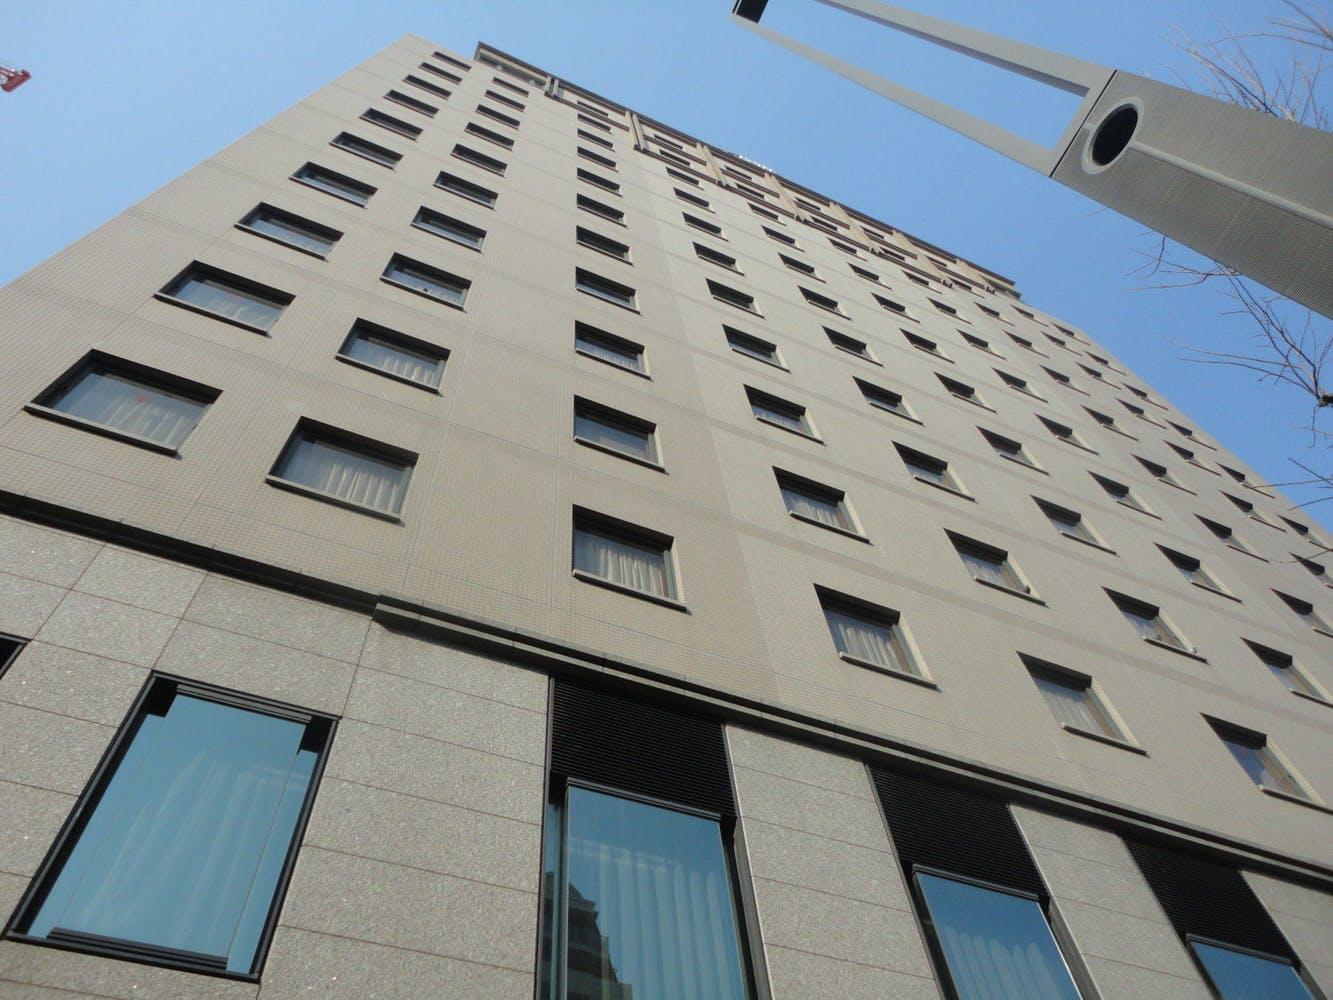 ホテルウィングインターナショナルプレミアム東京四谷 写真1